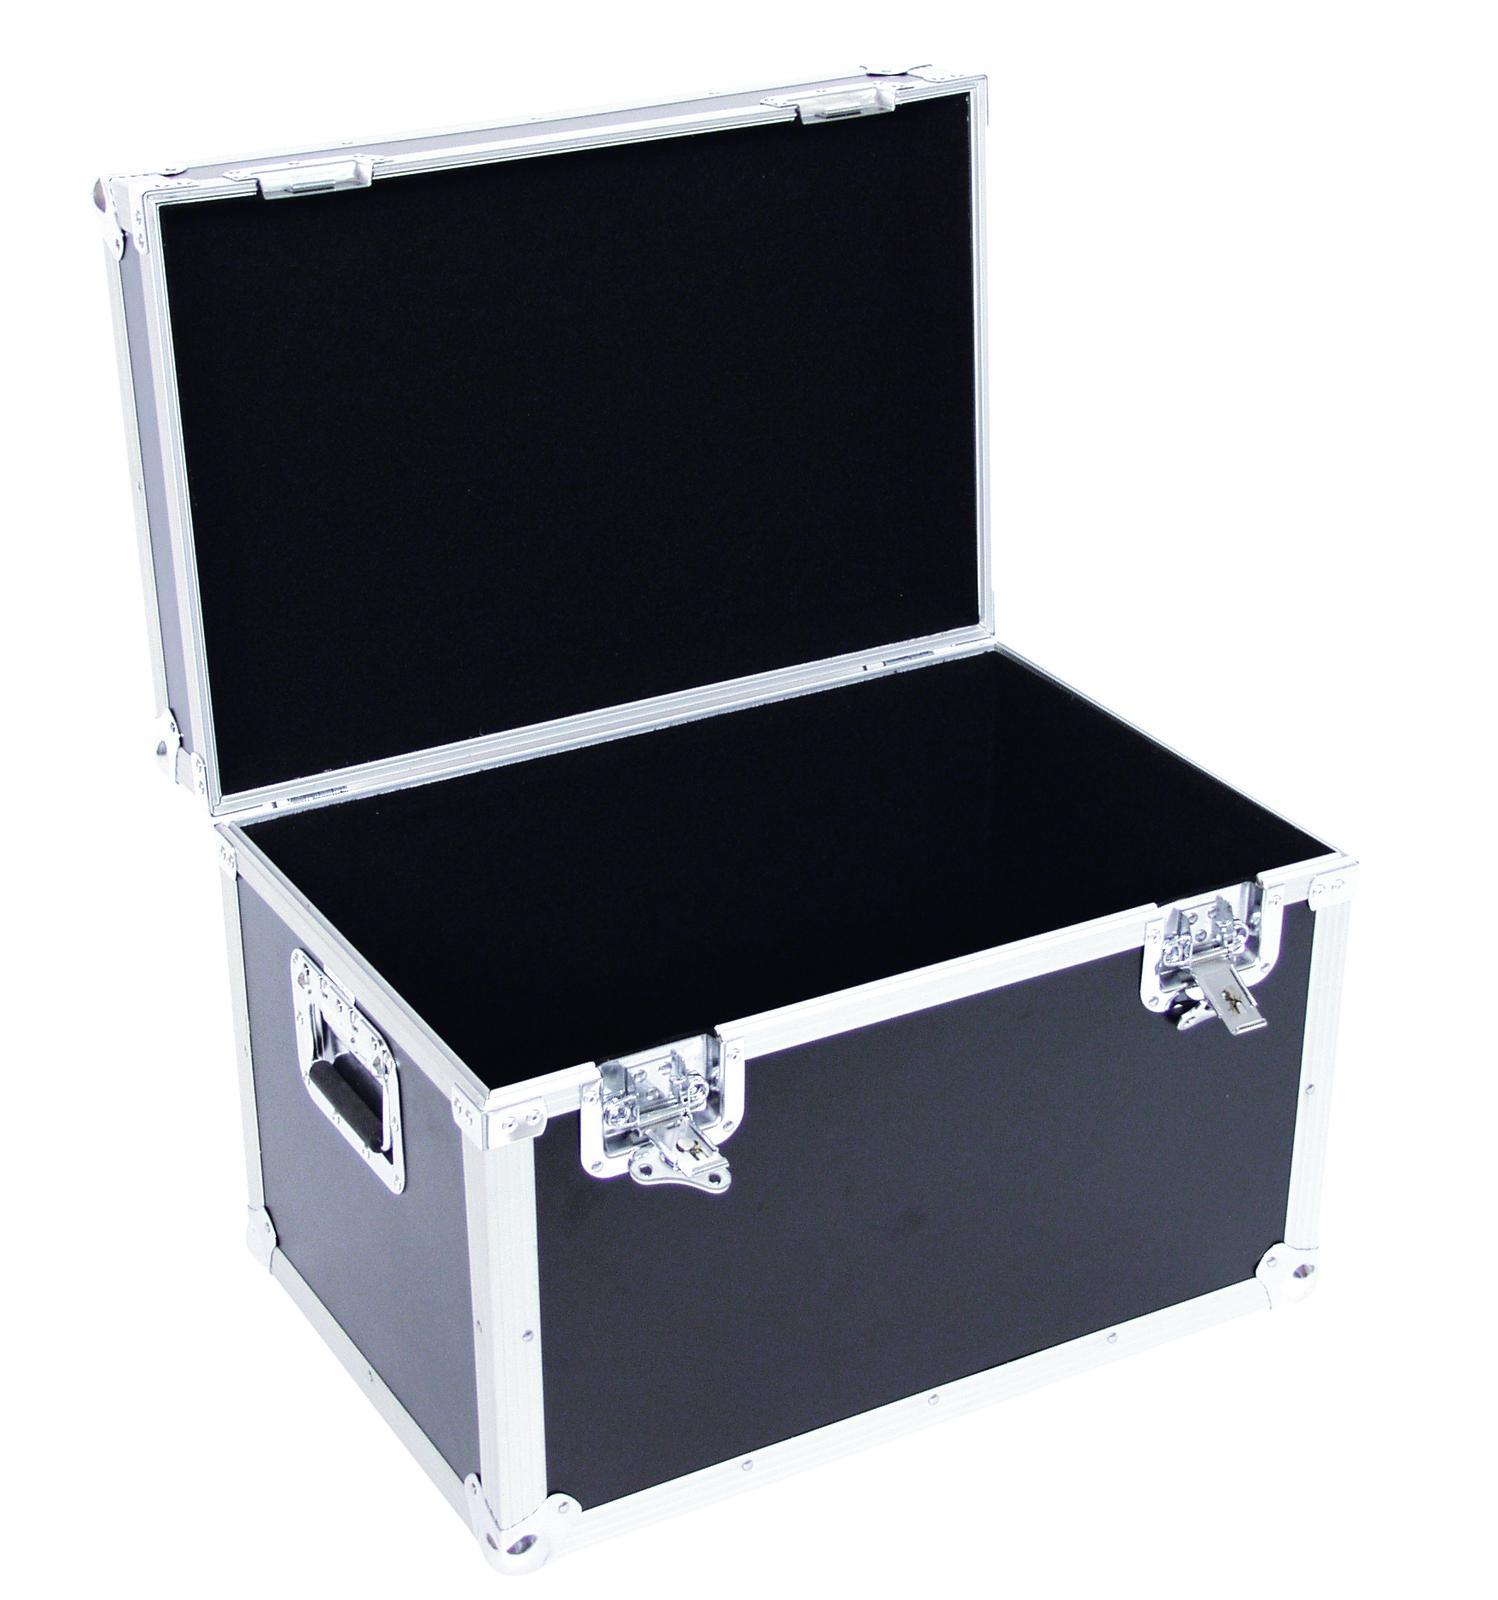 Universální transportní Case, 600 x 400 x 430 mm, 7 mm